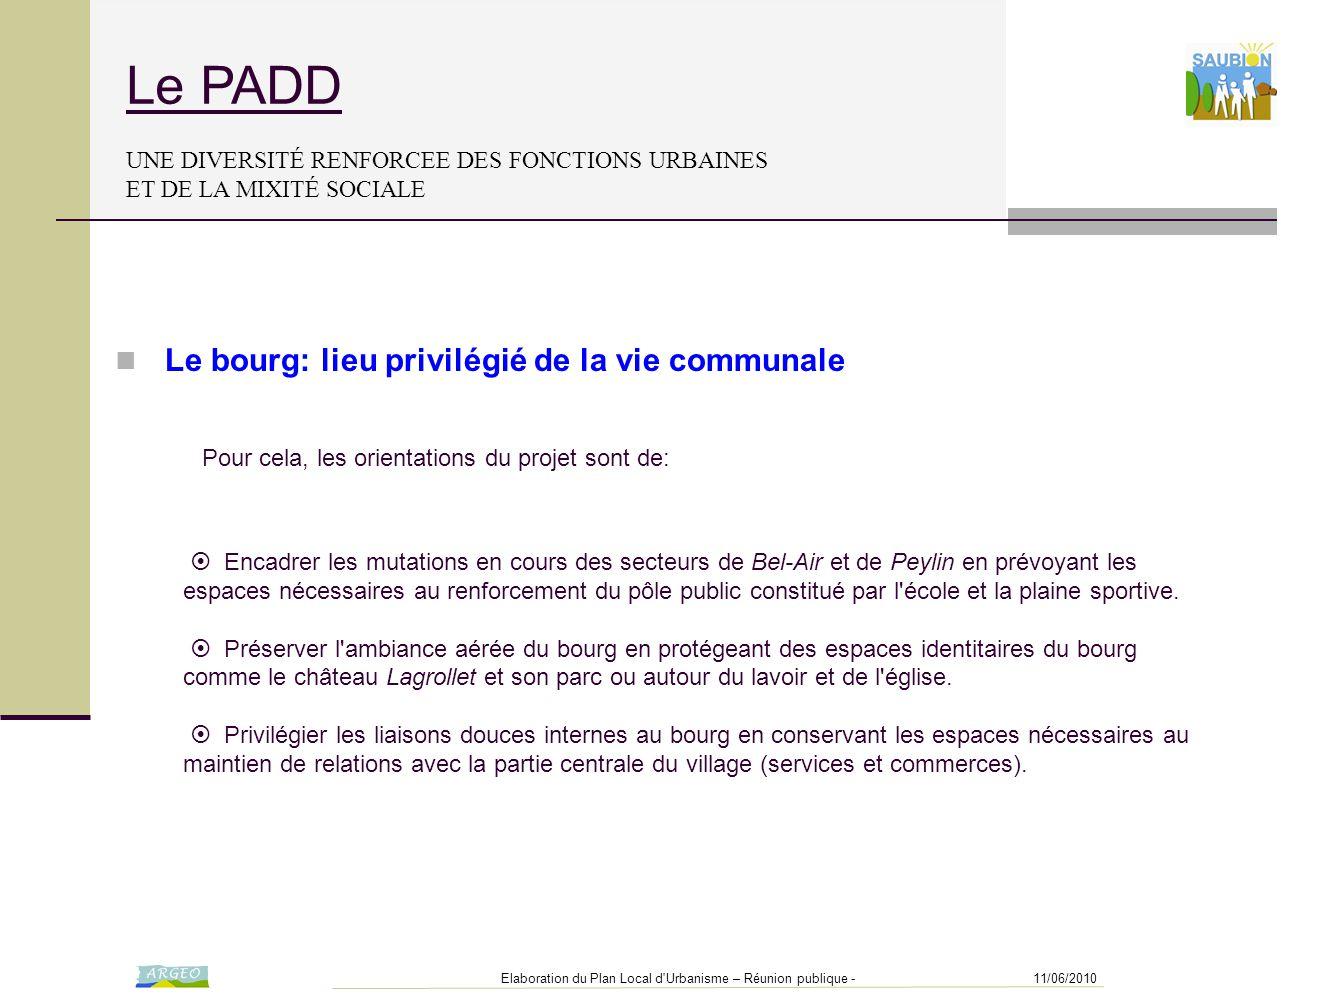 11/06/2010Elaboration du Plan Local d'Urbanisme – Réunion publique - Le PADD UNE DIVERSITÉ RENFORCEE DES FONCTIONS URBAINES ET DE LA MIXITÉ SOCIALE 